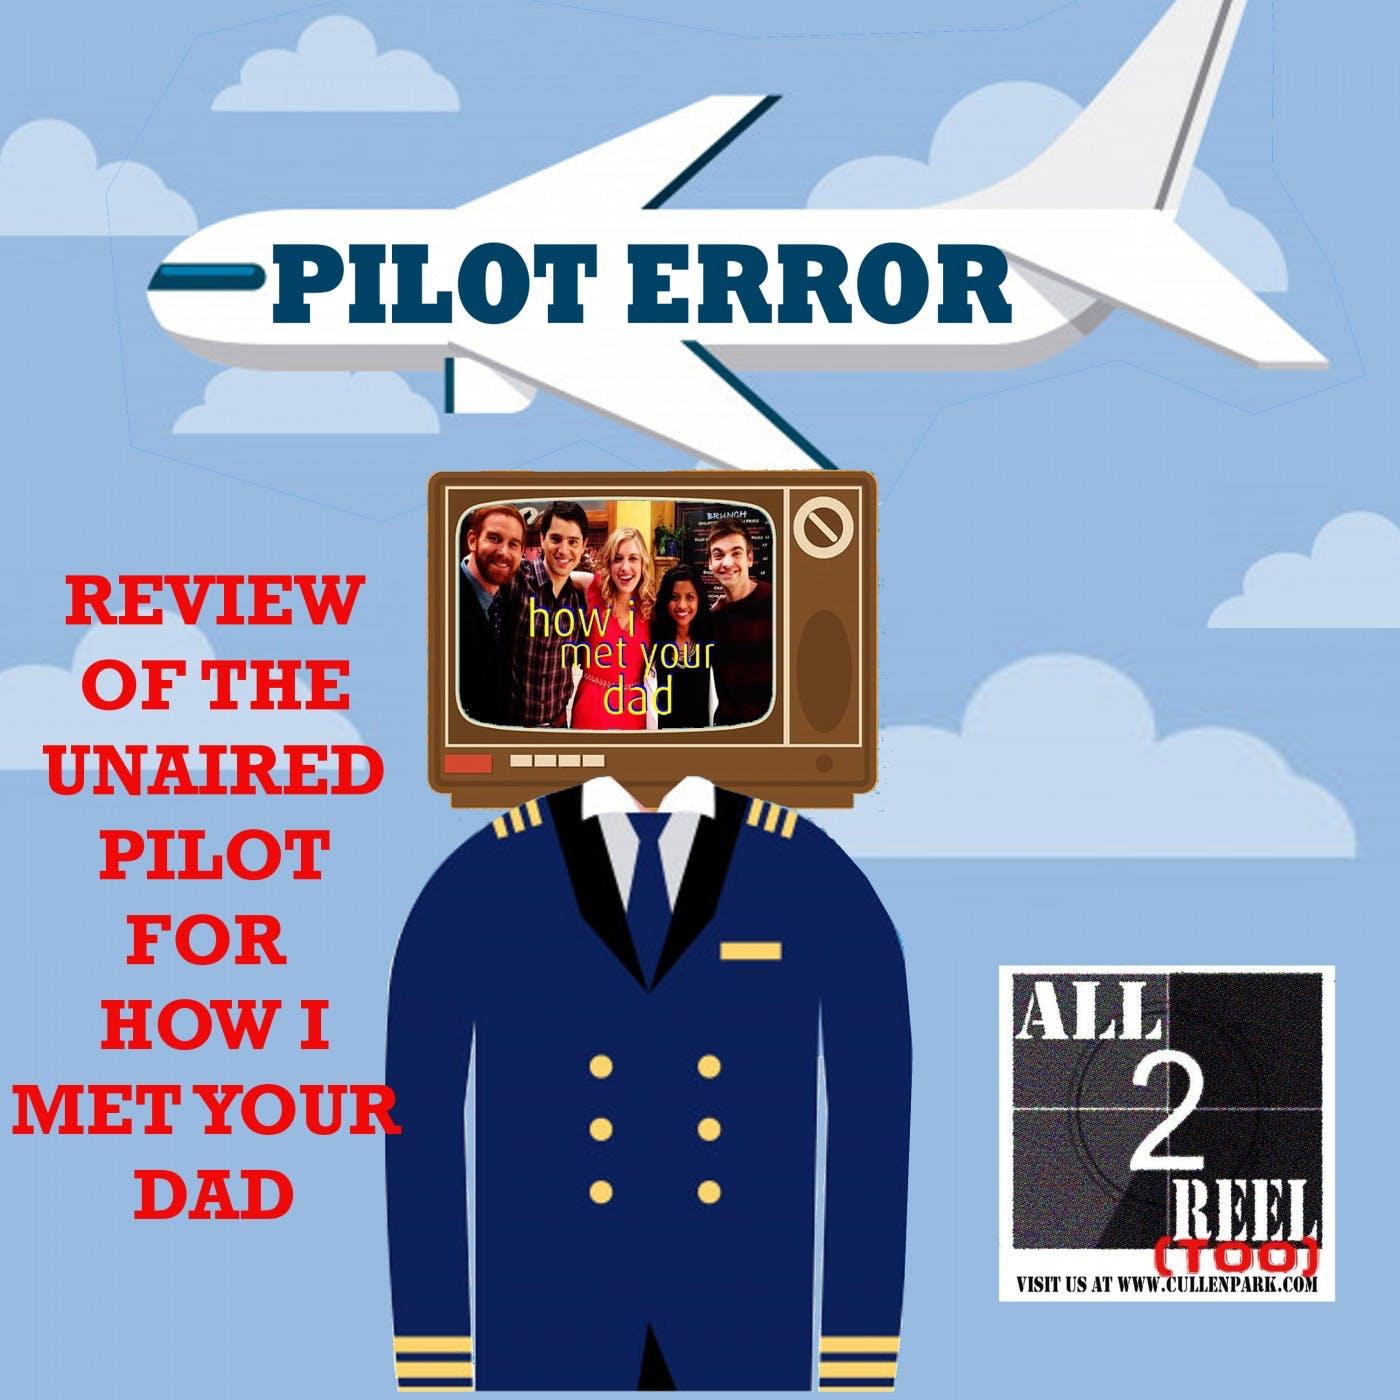 How I Met Your Dad (2014) PILOT ERROR TV REVIEW